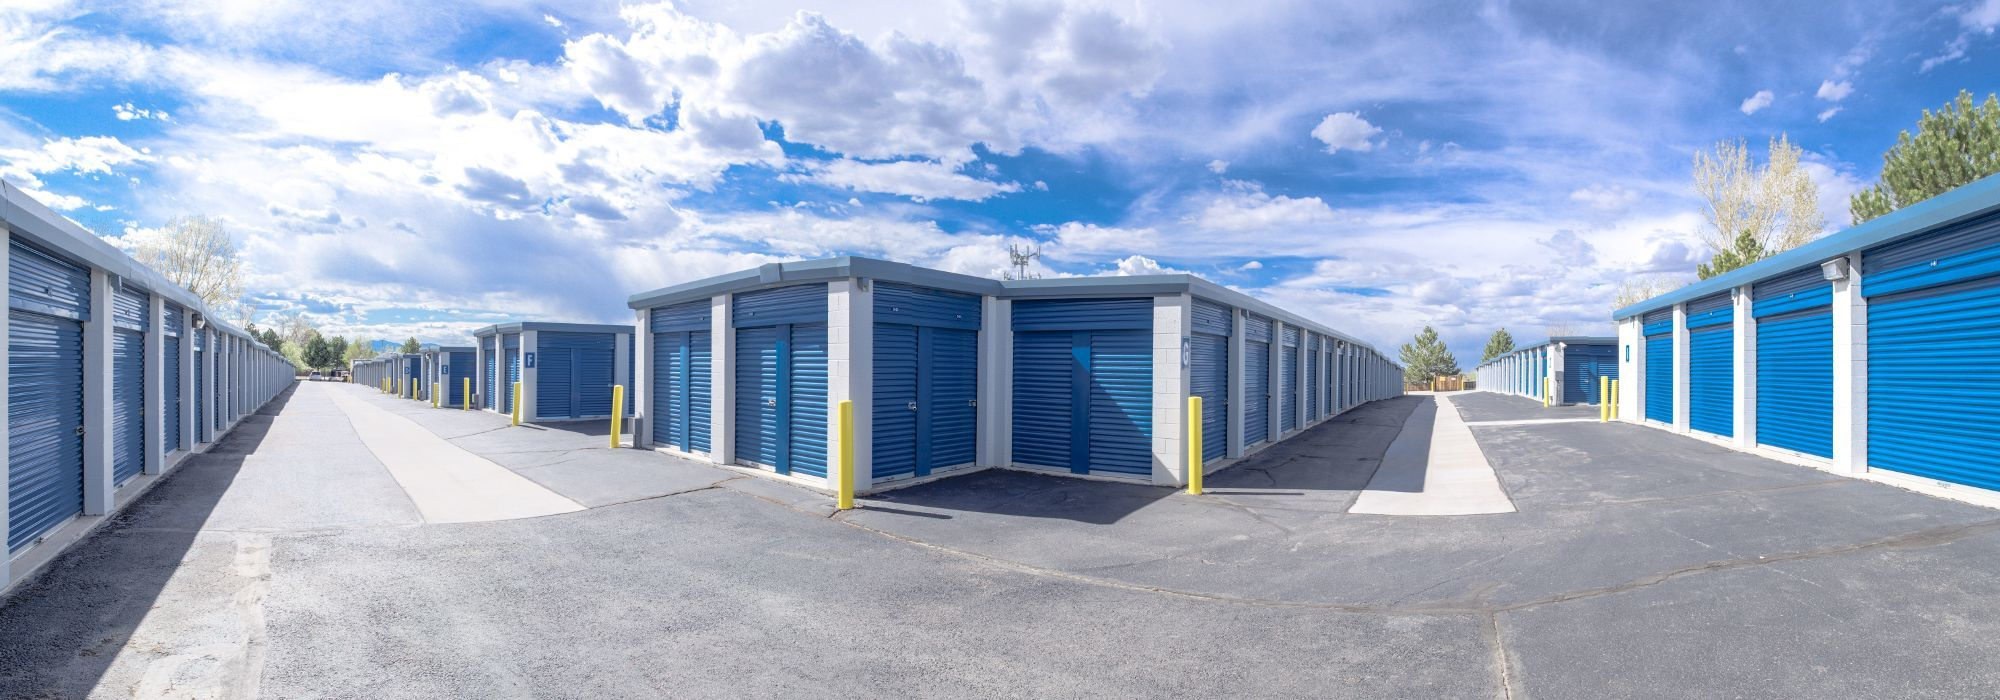 Self storage in Aurora CO